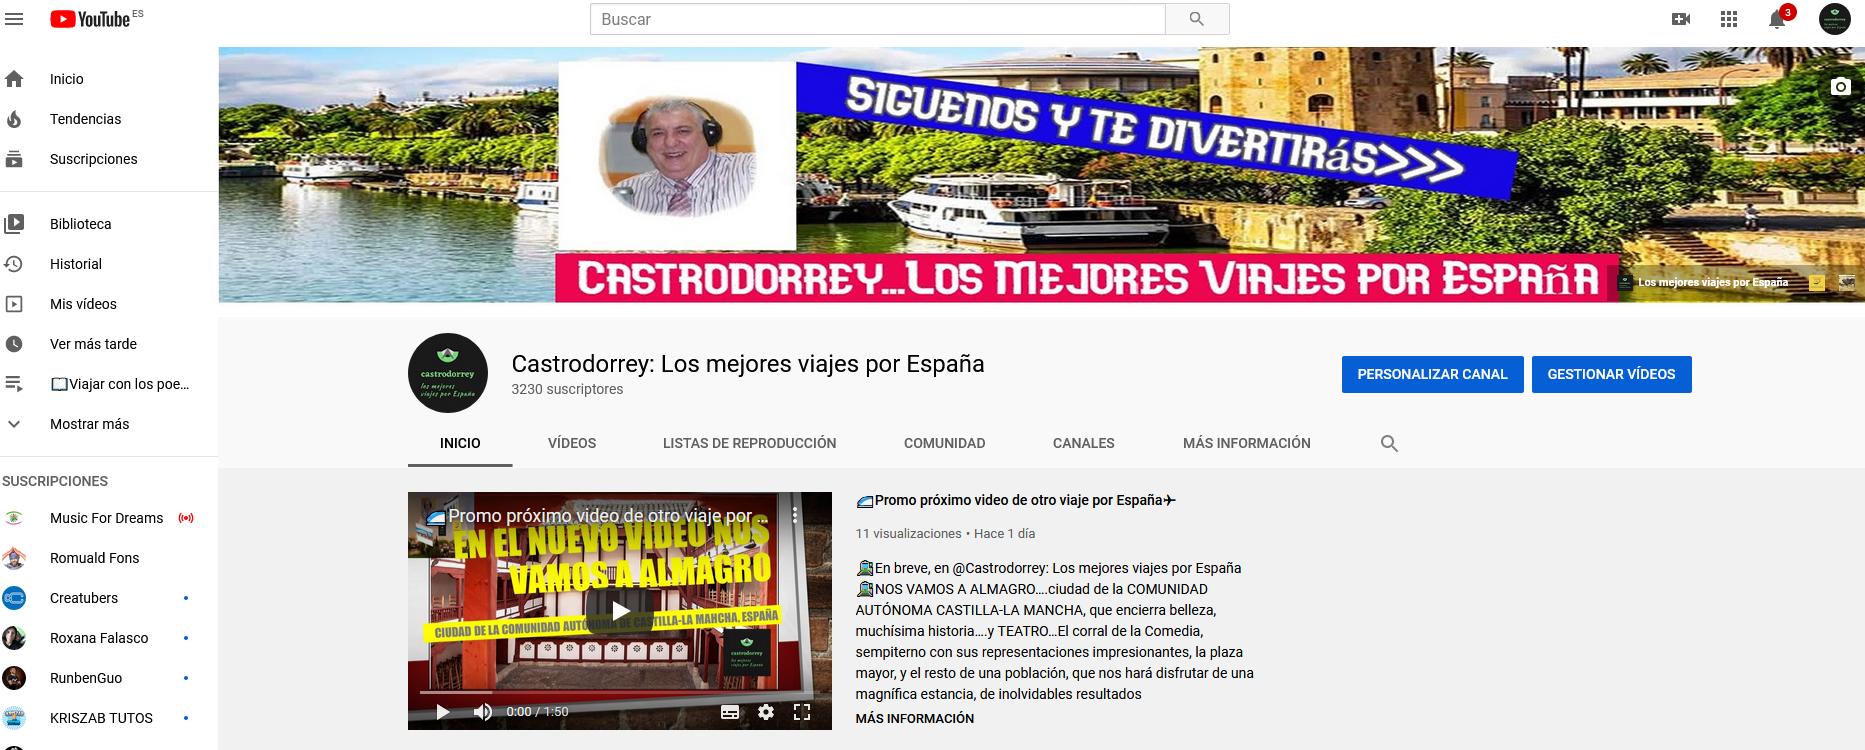 Youtuber con Castrodorrey